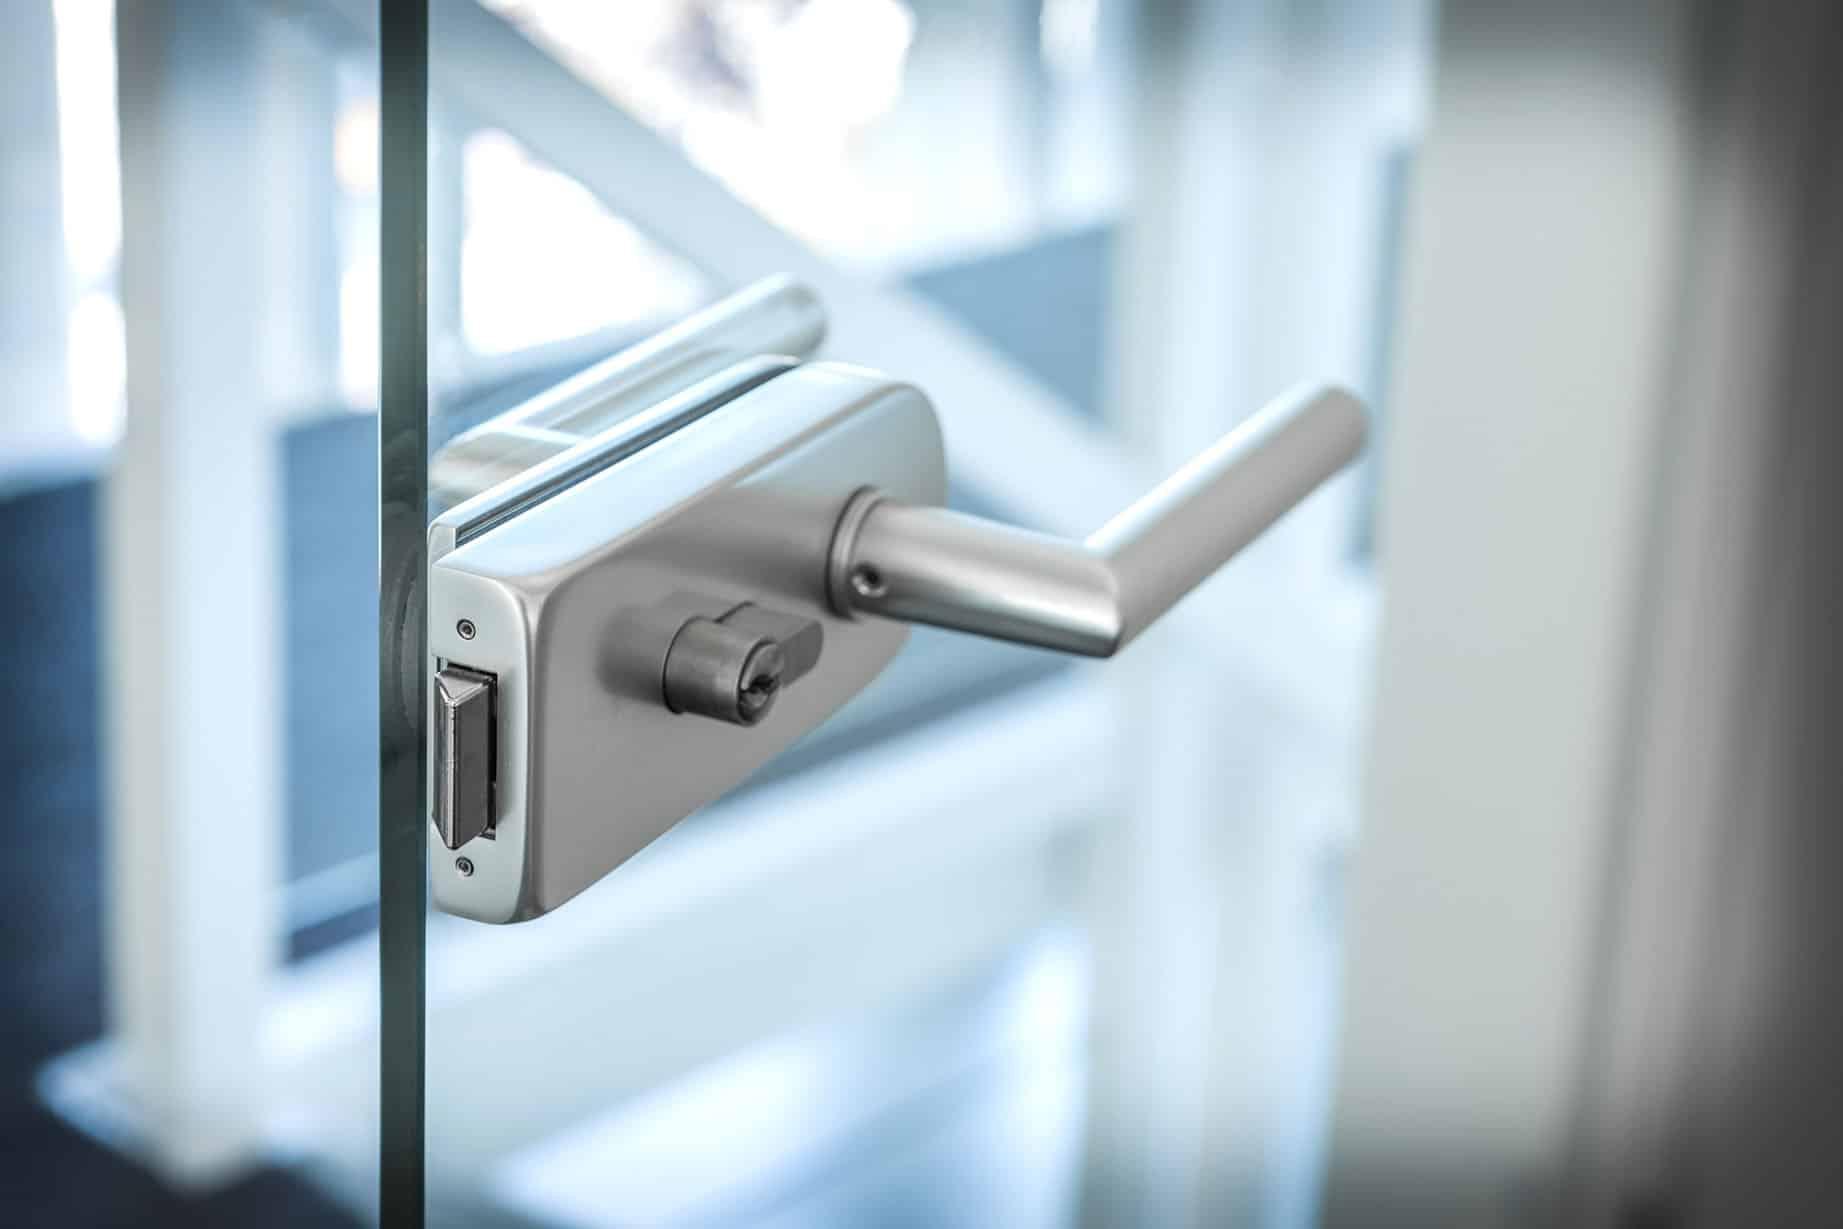 Für ein sicheres Zuhause benötigen Sie qualitative Sicherheitsbeschläge. Jetzt direkt vor Ort oder Online anfragen!